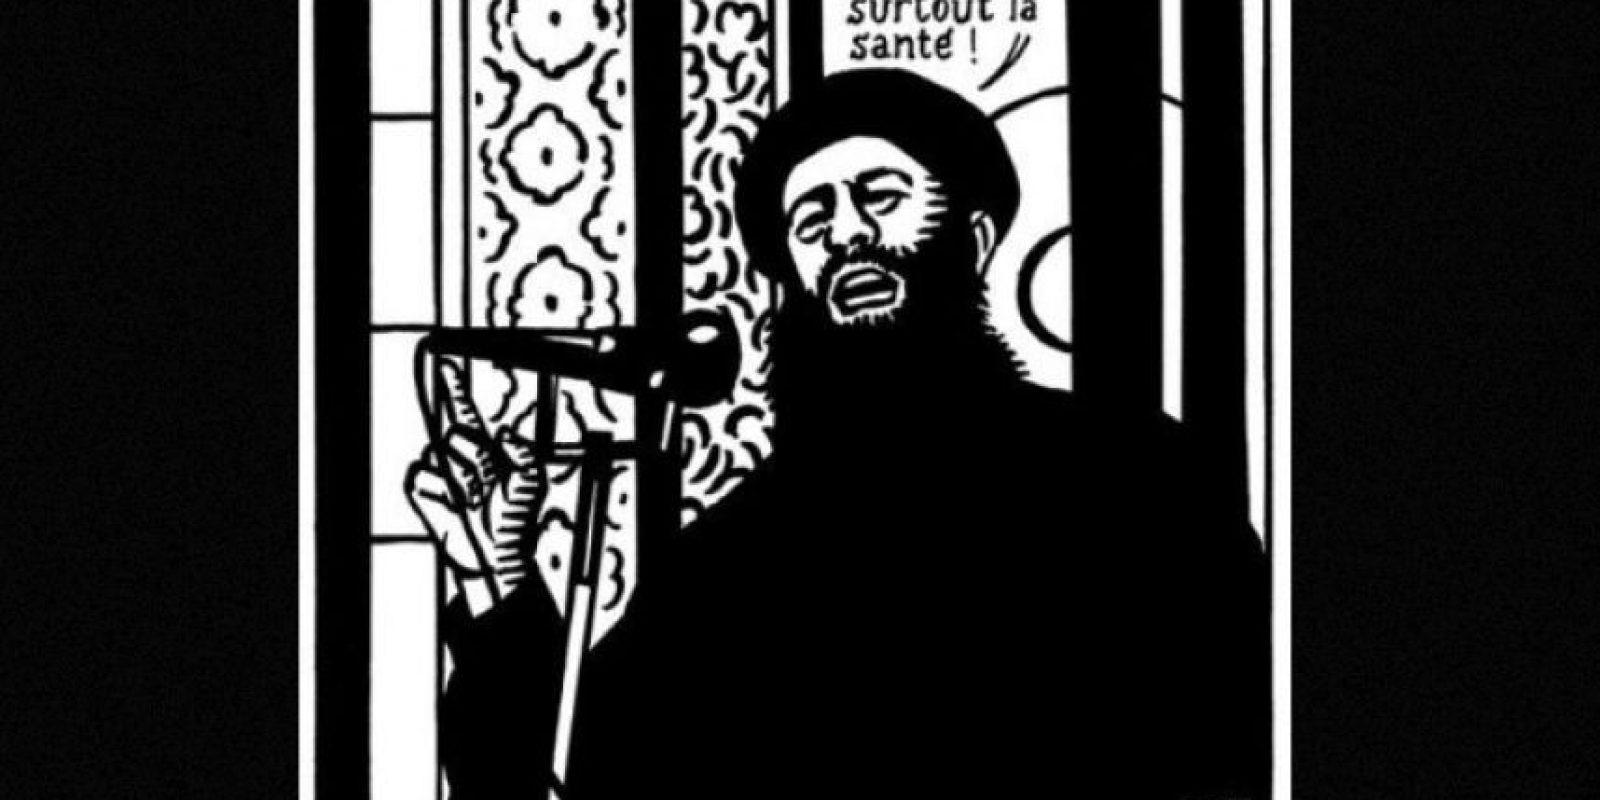 Este fue el último dibujo de Charlie Hebdo antes del atentado de enero Foto:Facebook: Charlie Hebdo Officiel